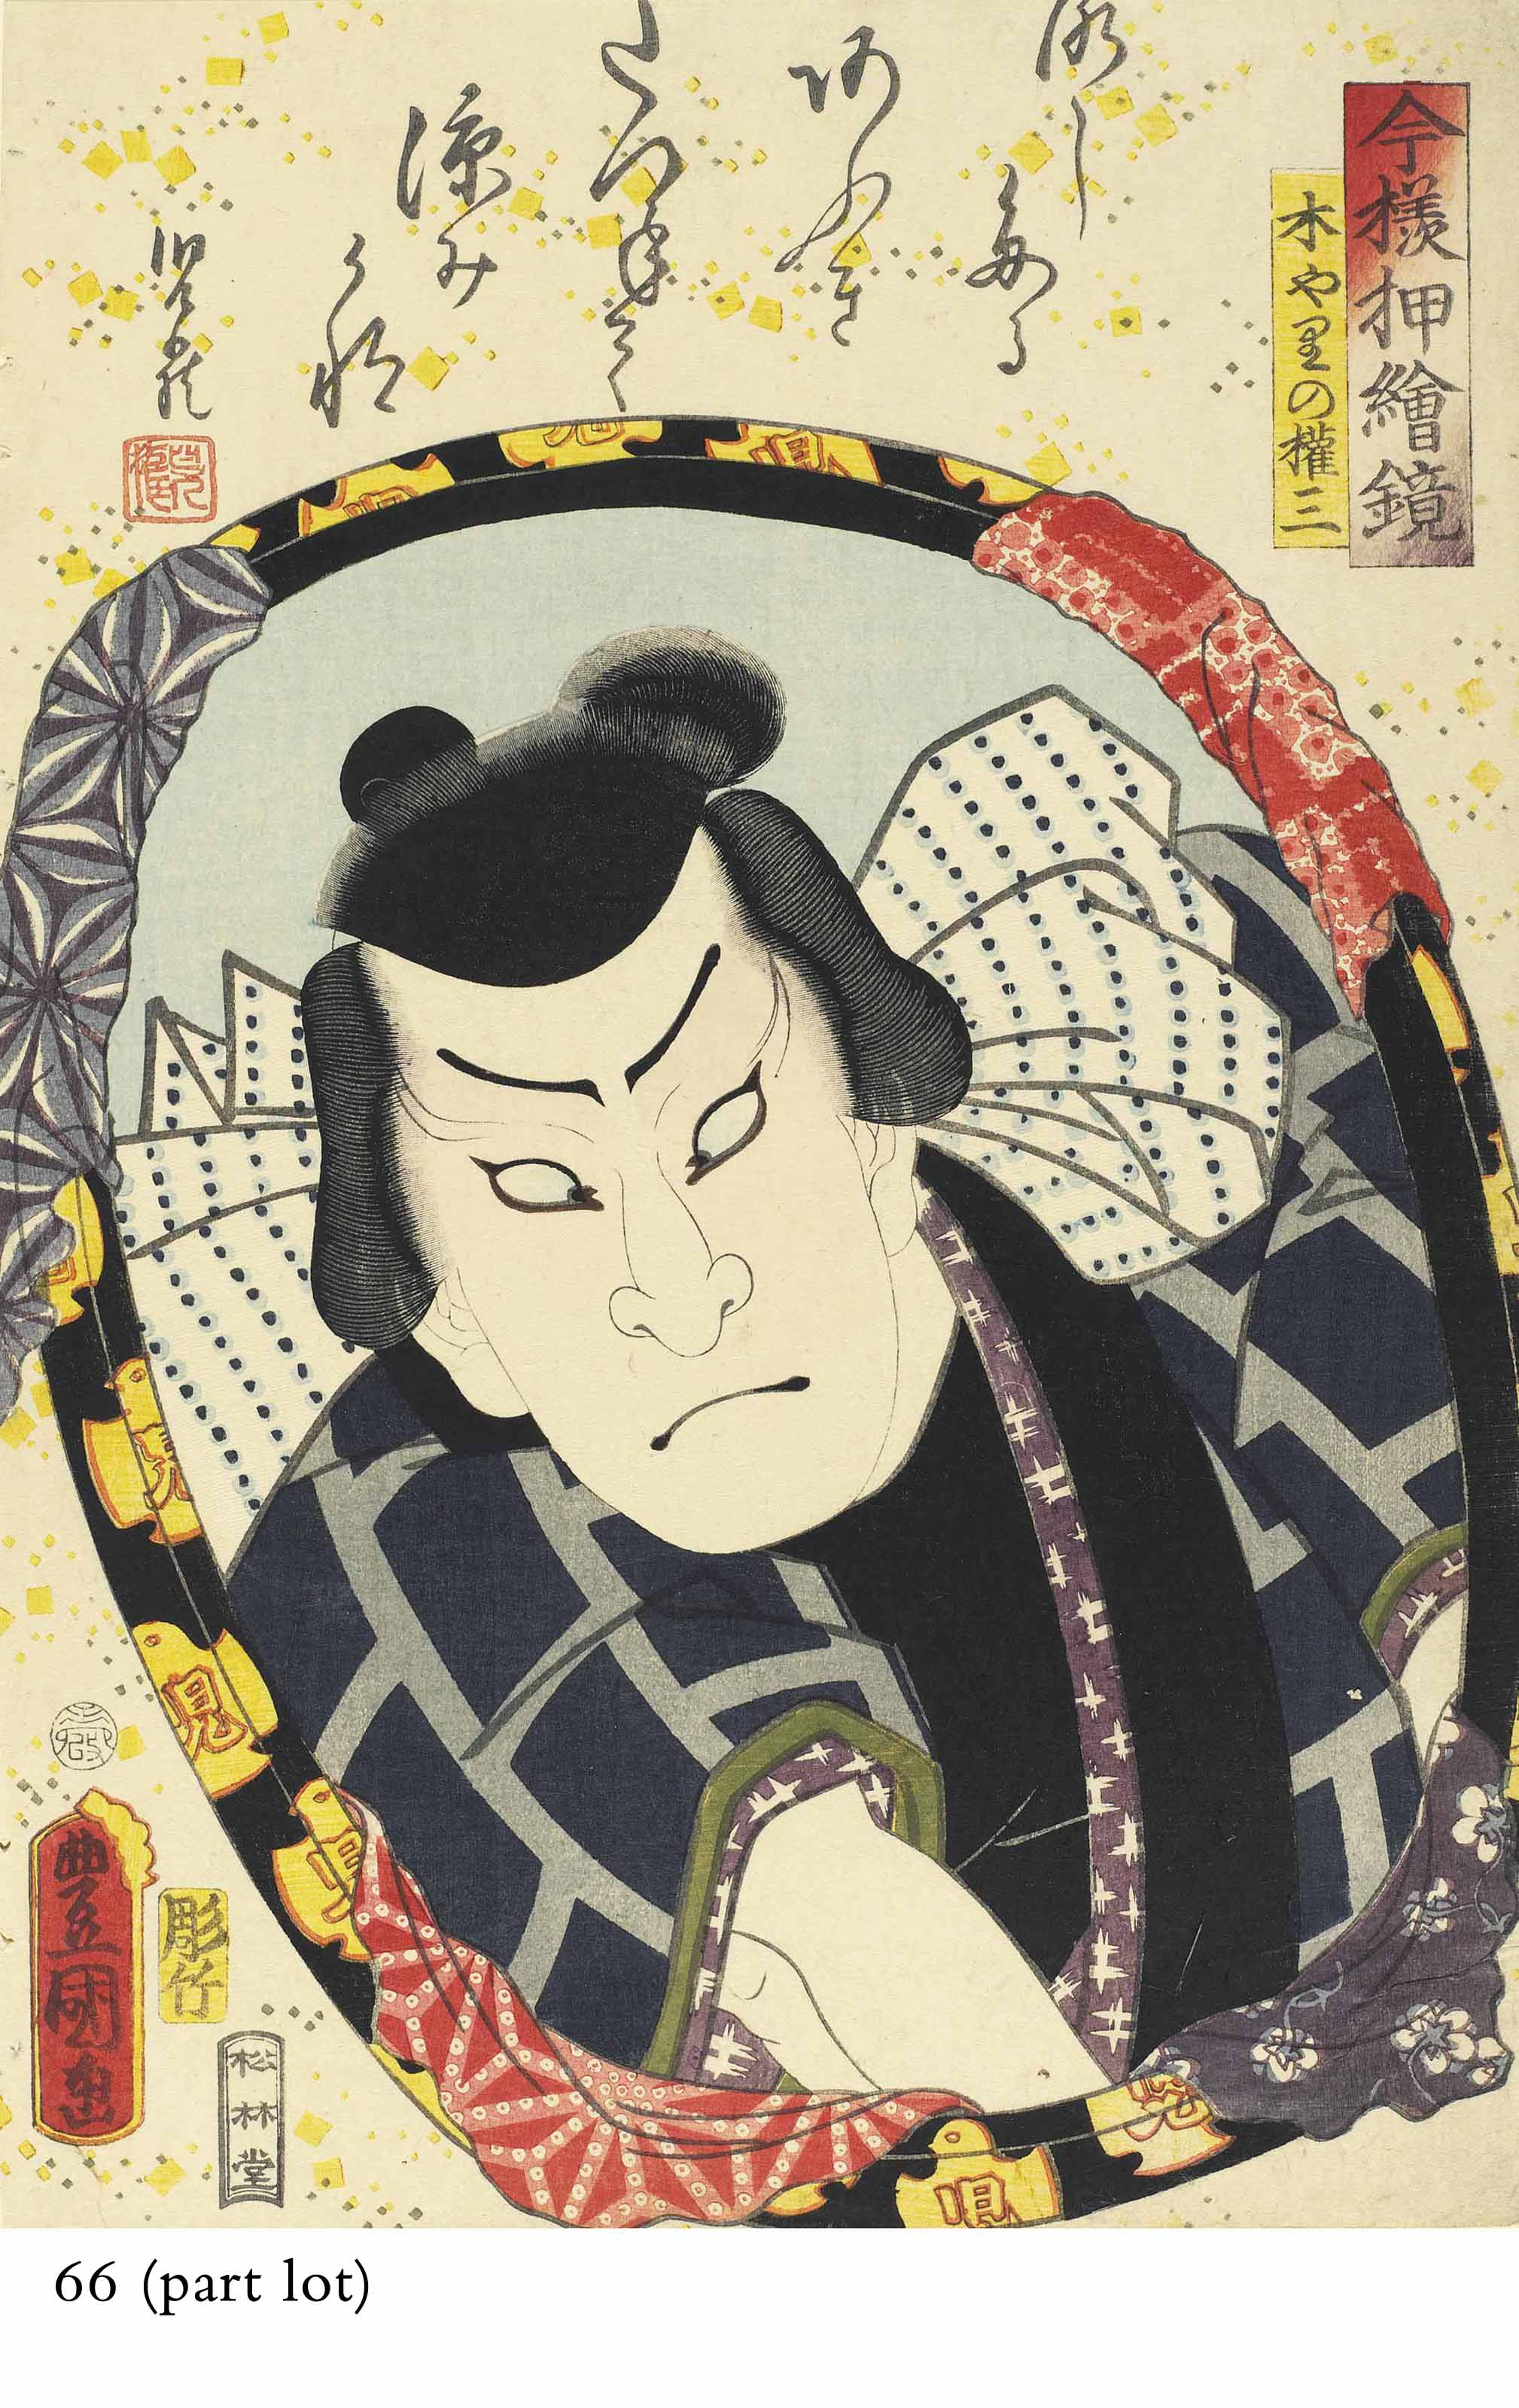 UTAGAWA TOYOKUNI I (1769-1825) AND UTAGAWA KUNISADA (1786-1865)